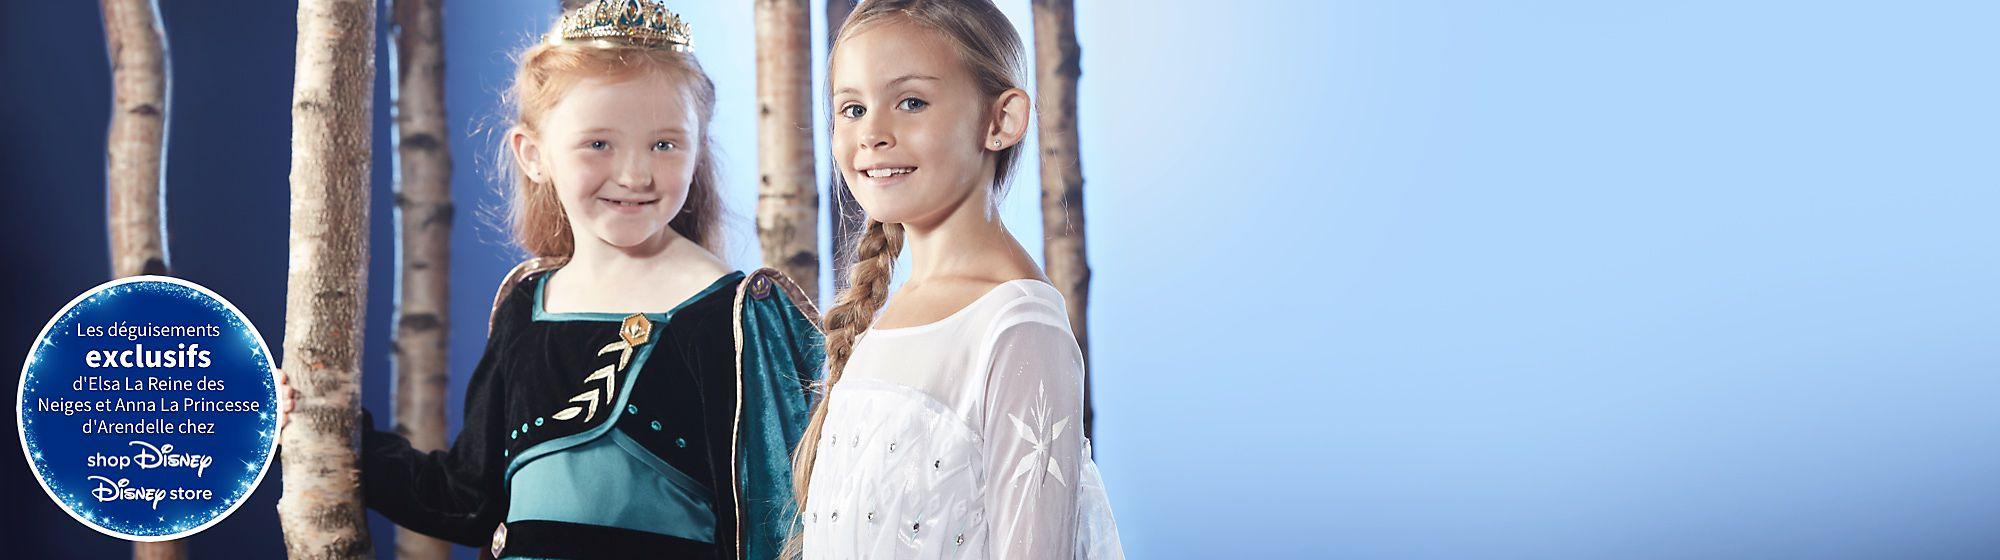 Déguisements La Reine des Neiges 2 Découvrez les nouvelles robes venue spécialement d'Arendelle